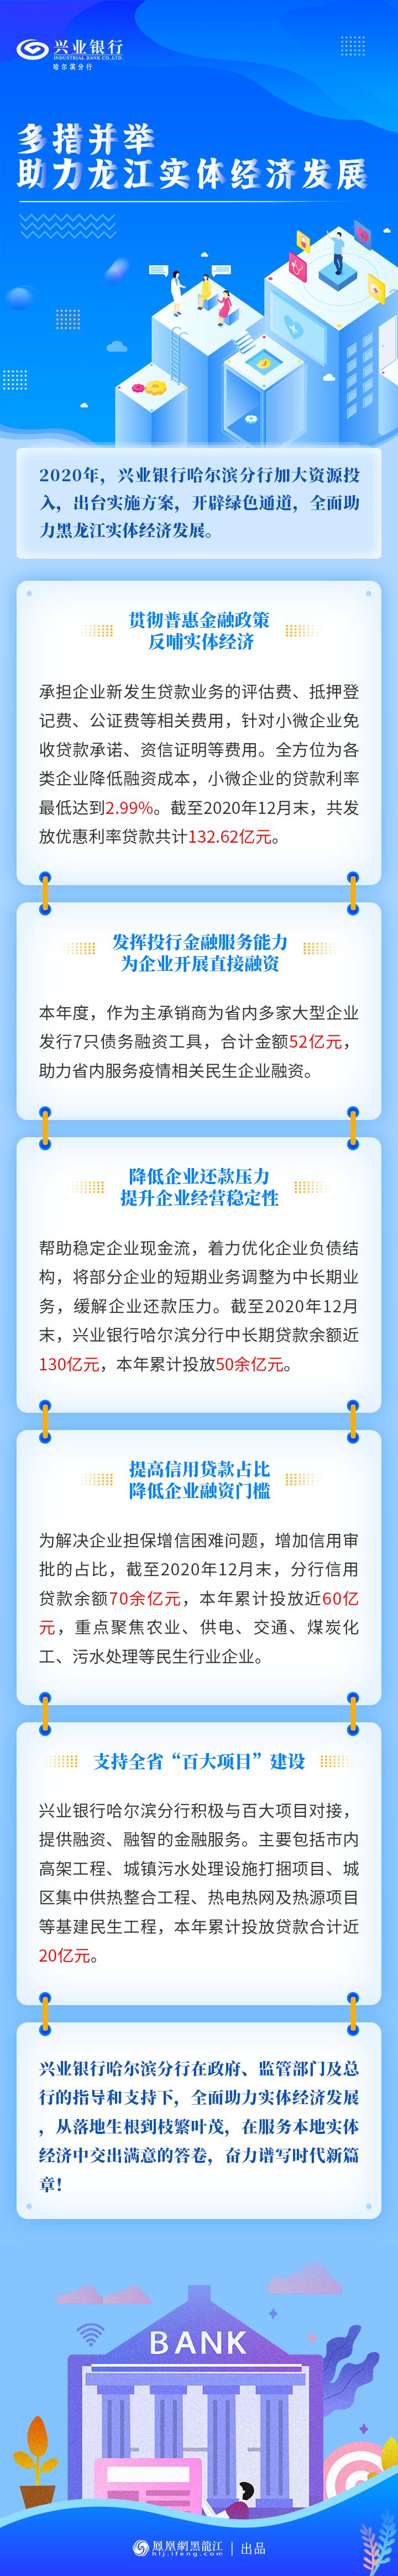 兴业银行哈尔滨分行多措并举 助力龙江实体经济发展